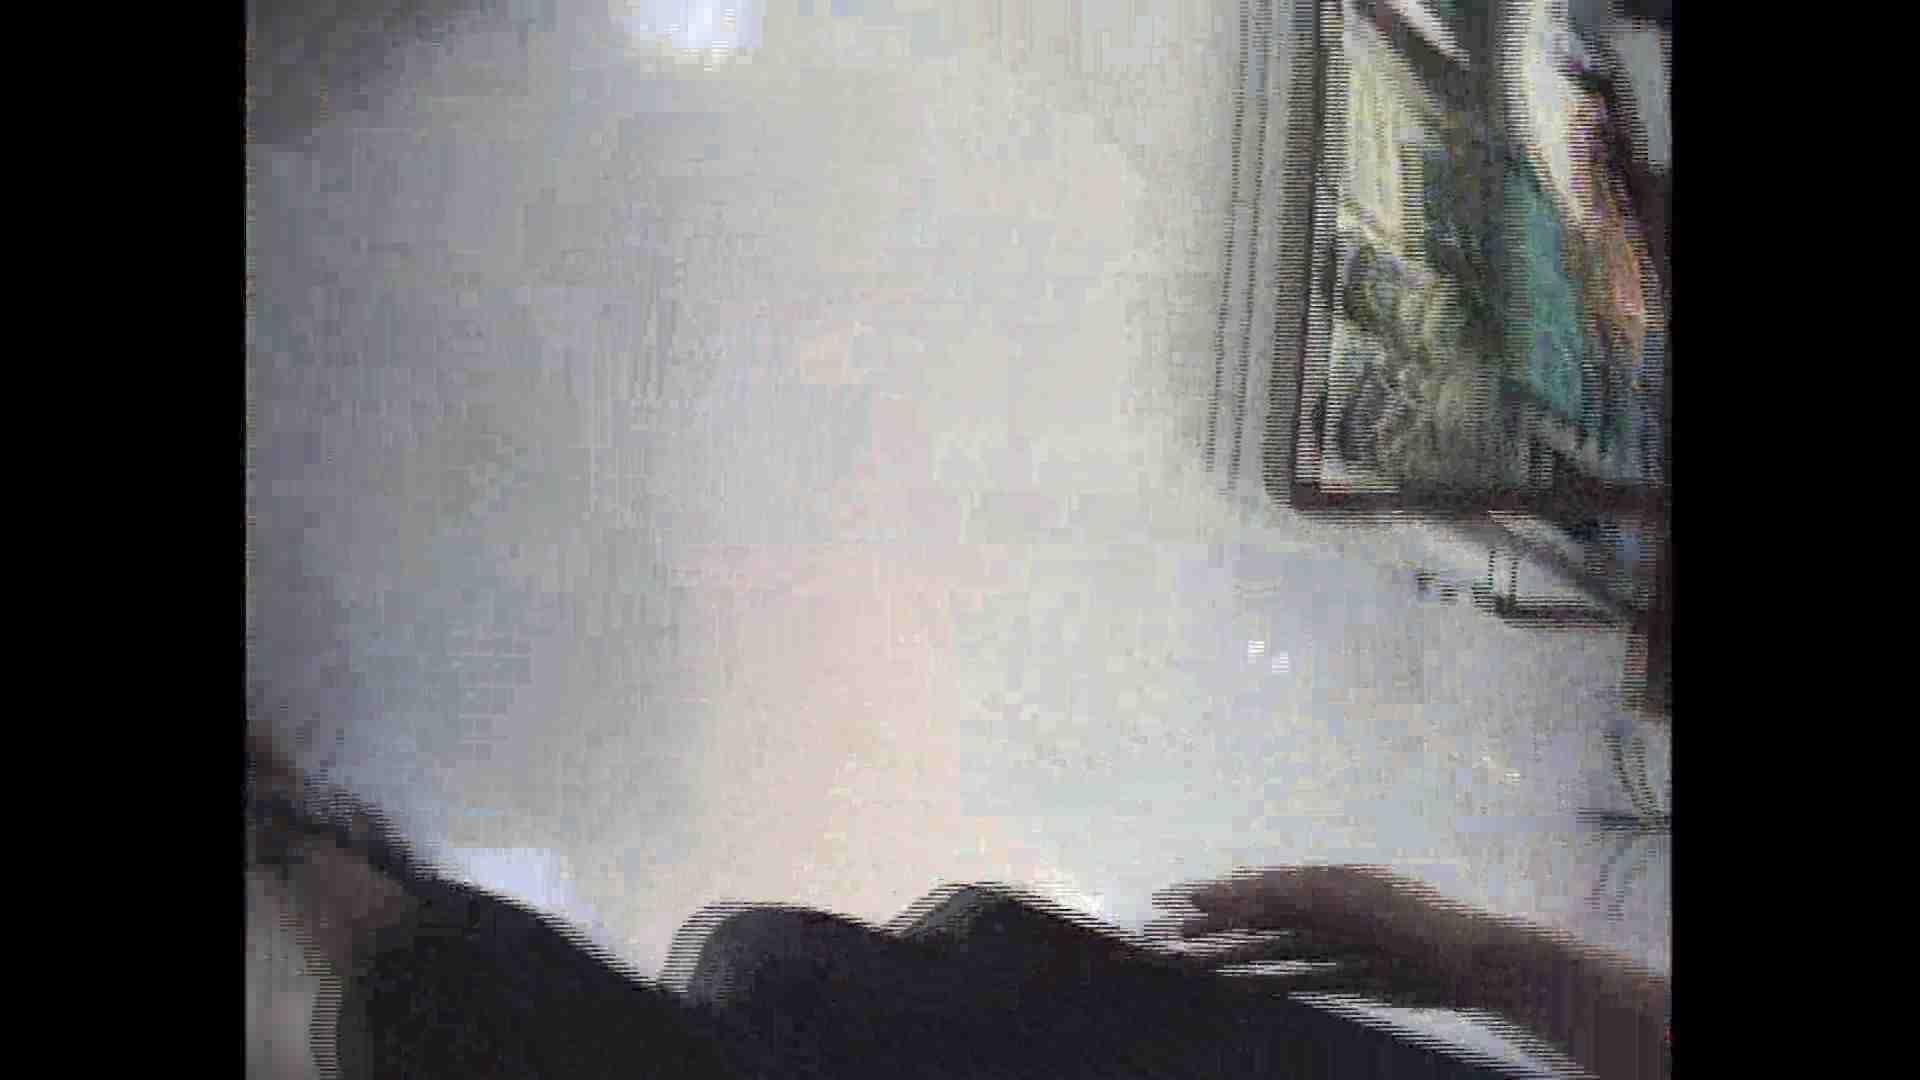 働く美女の谷間参拝 Vol.06 美女のヌード 濡れ場動画紹介 73画像 51